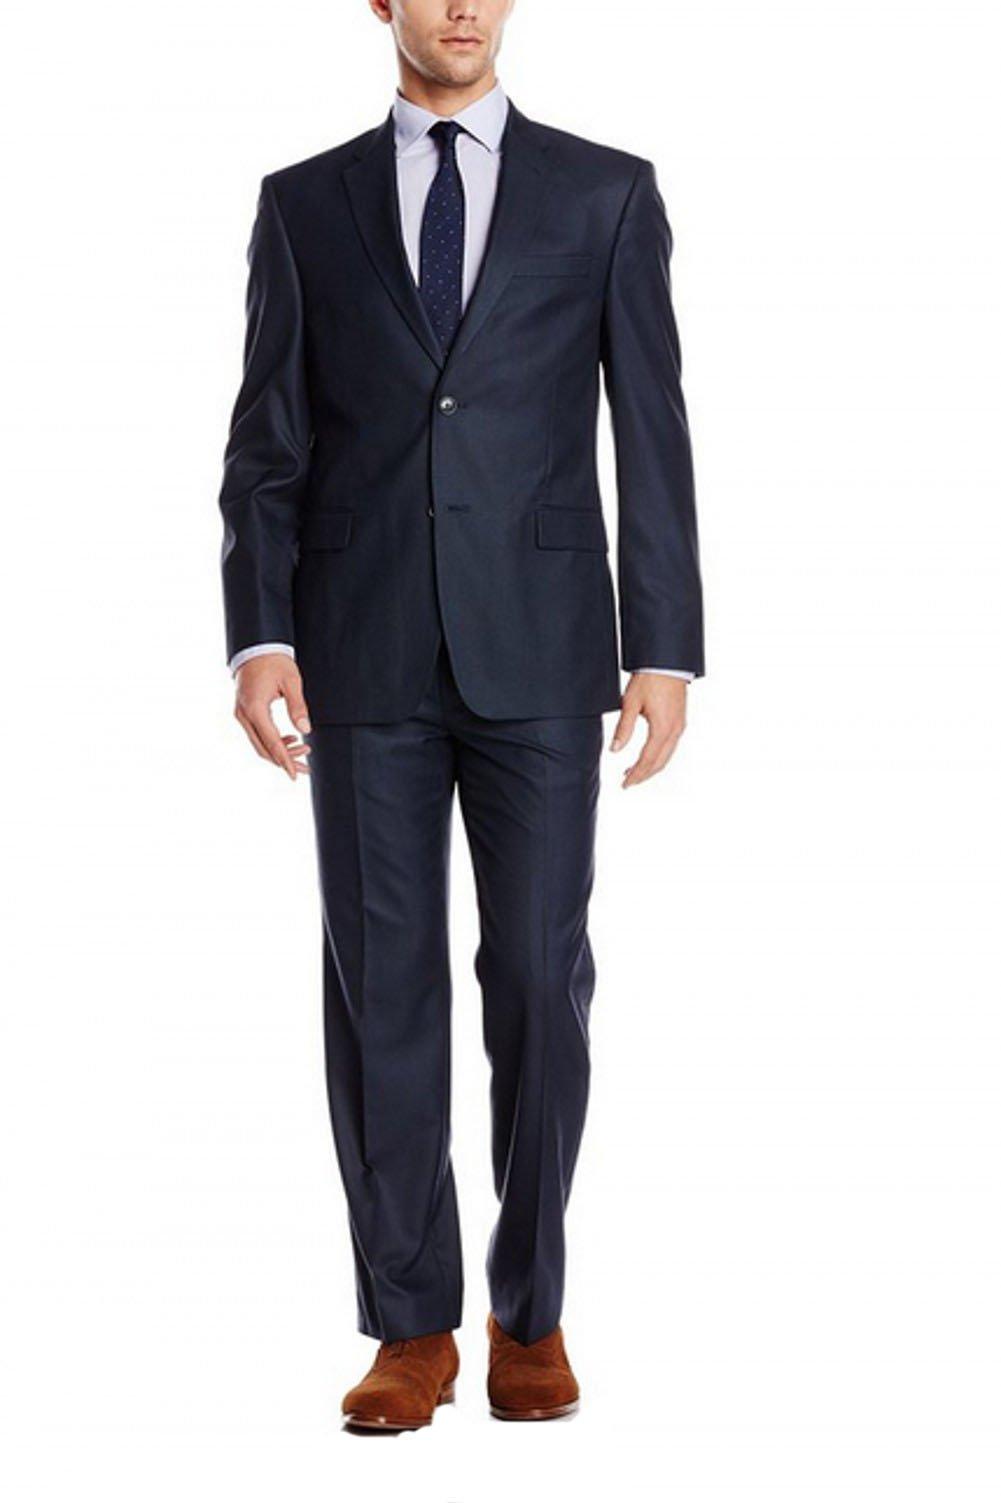 Love Dress Men's Navy Suit Two Button Jacket and Pant XXXXXXL